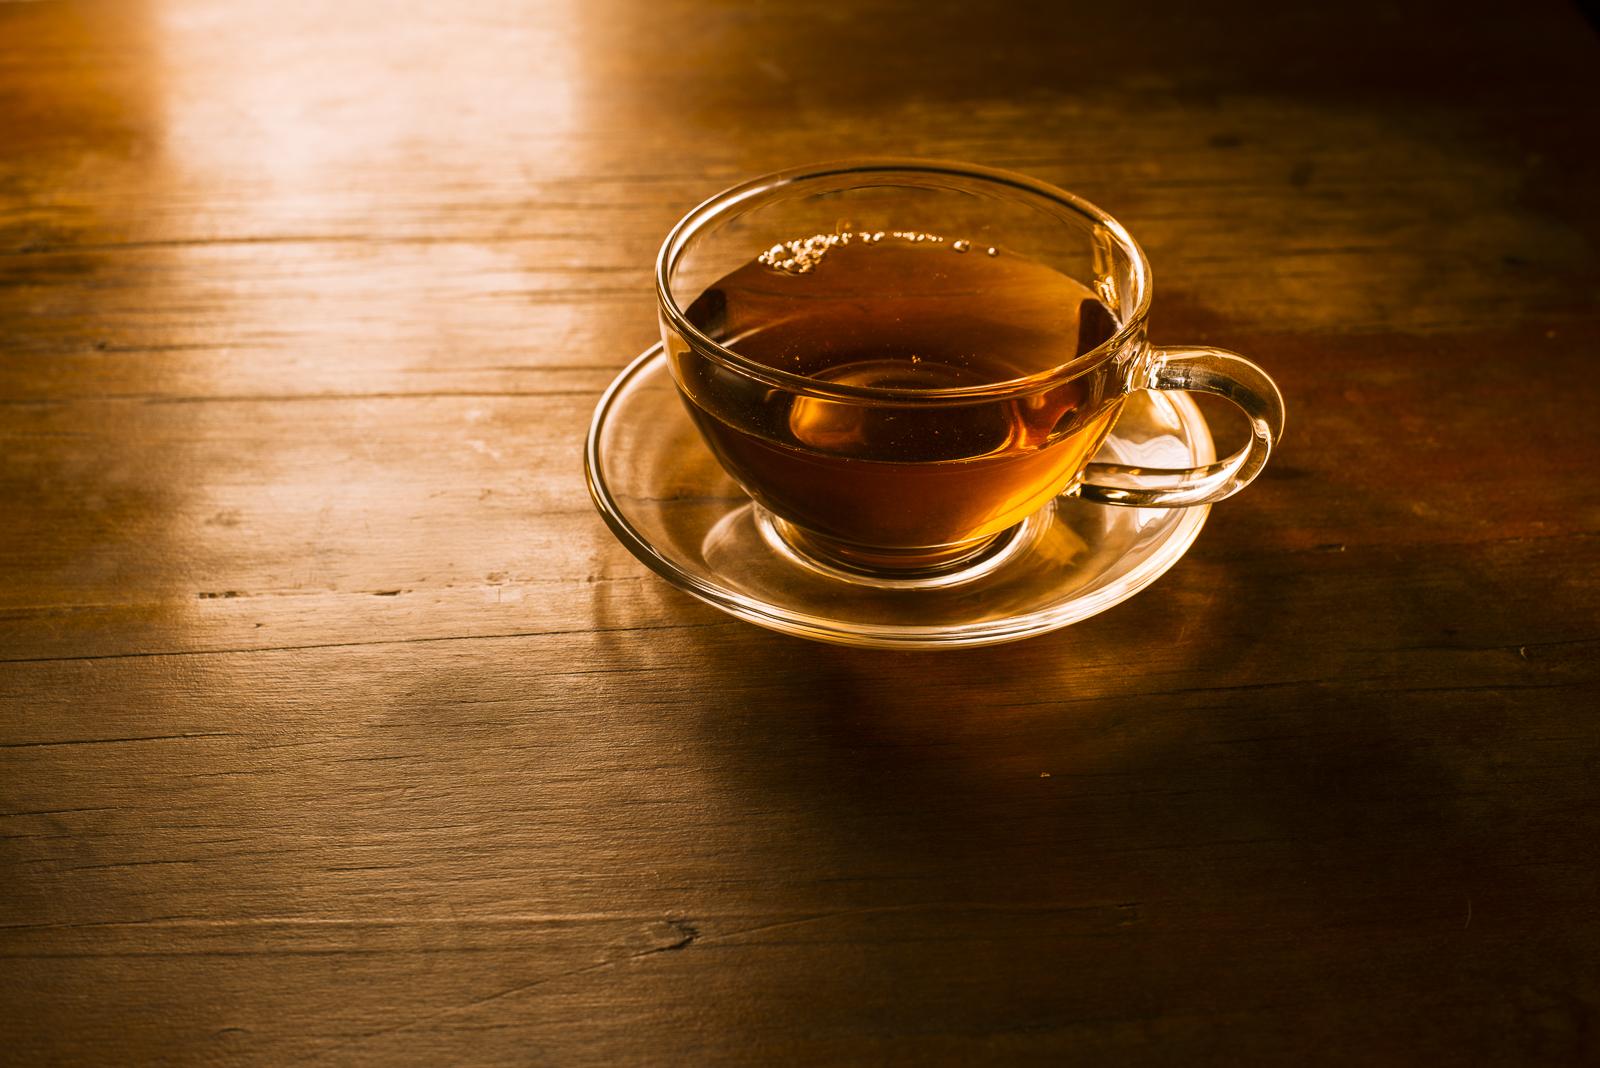 Tea on Wood Resized.jpg